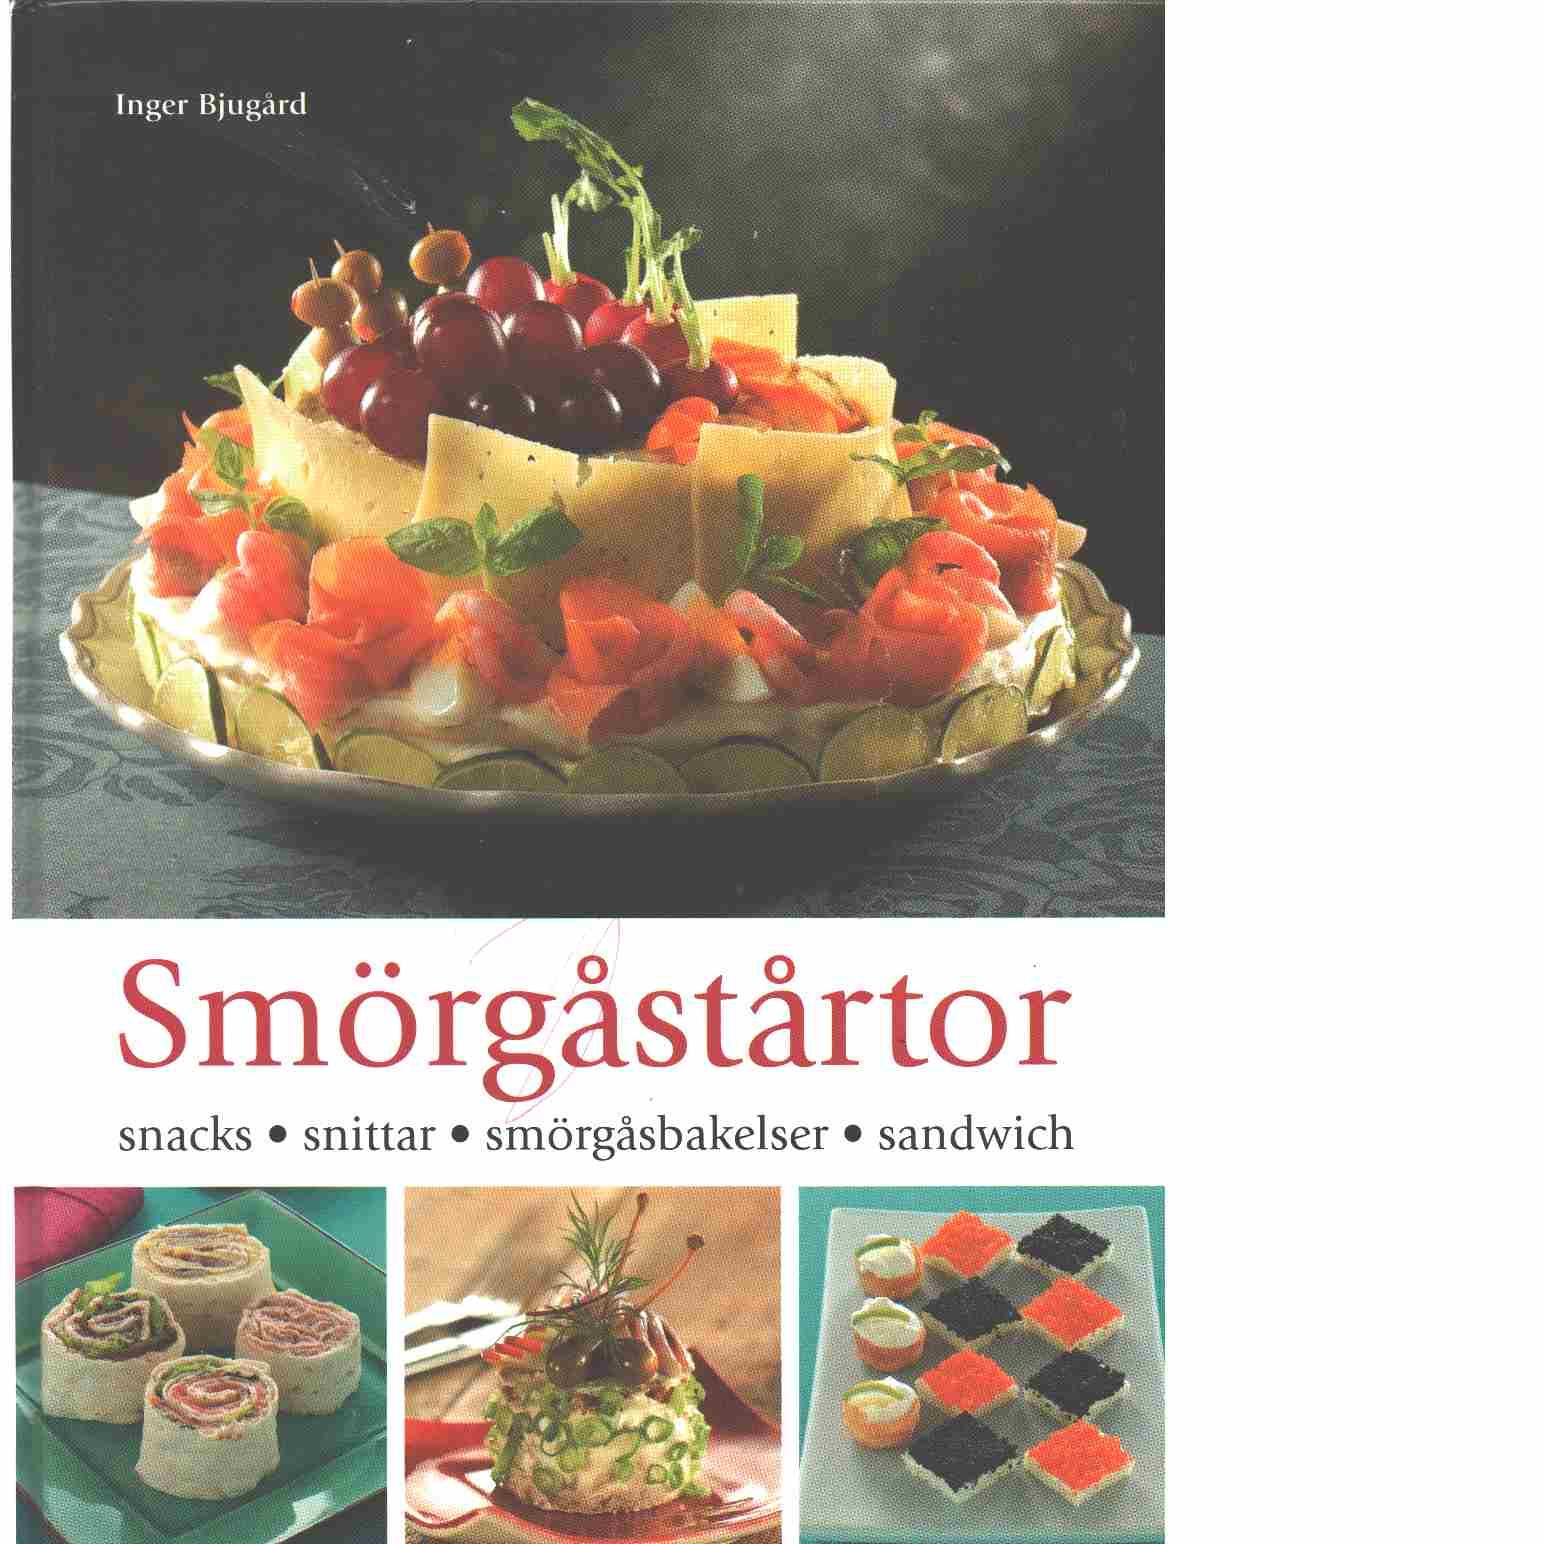 Smörgåstårtor : [snacks, snittar, smörgåsbakelser, sandwich]  - Bjugård, Inger